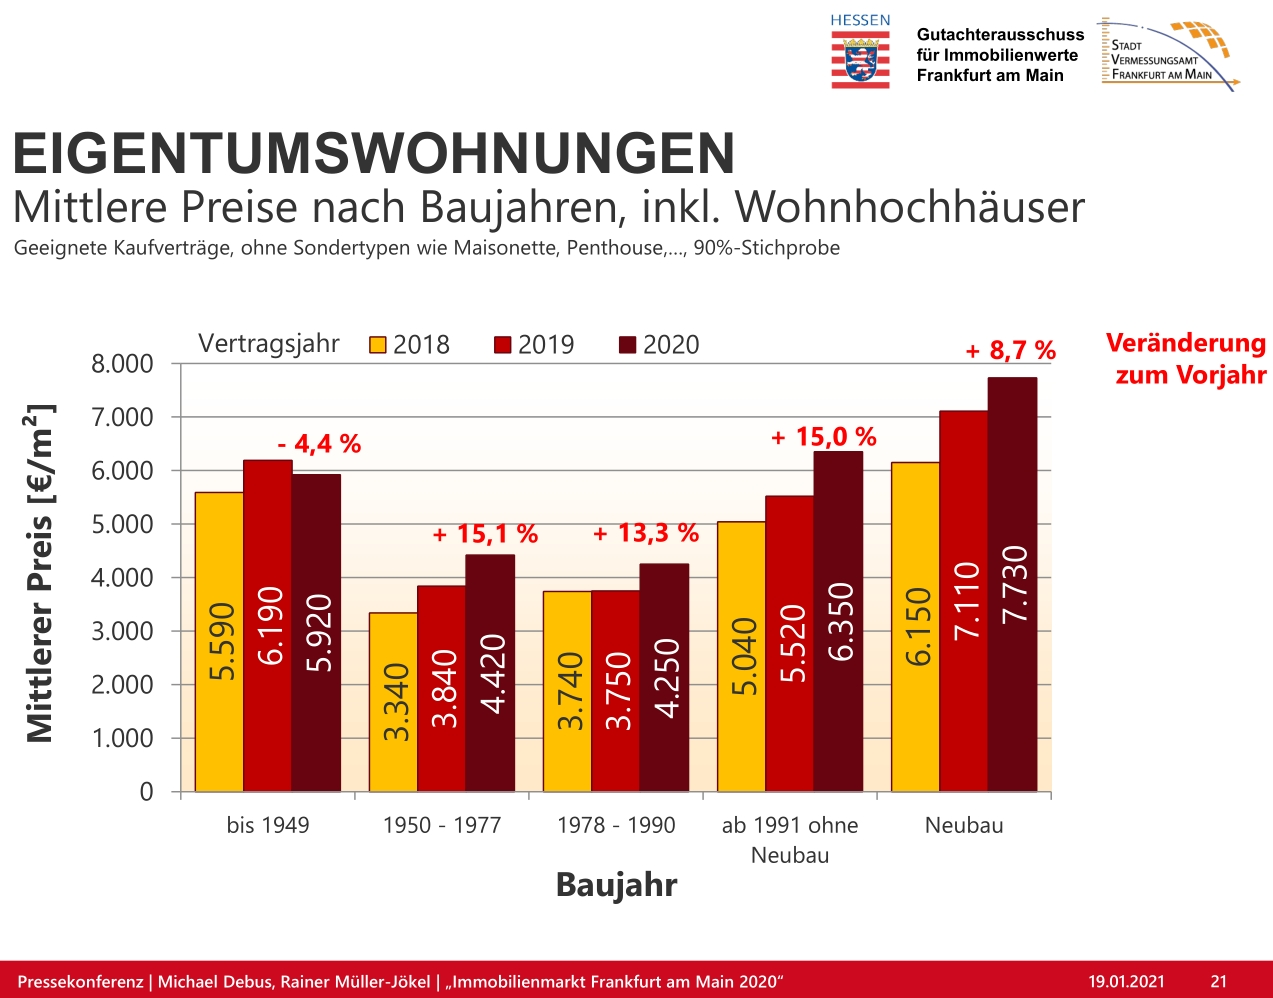 Bild: https://www.deutsches-architektur-forum.de/pics/schmittchen/gutachterausschuss_iImmobilienwerte_pm-grafik_01.2021.jpg